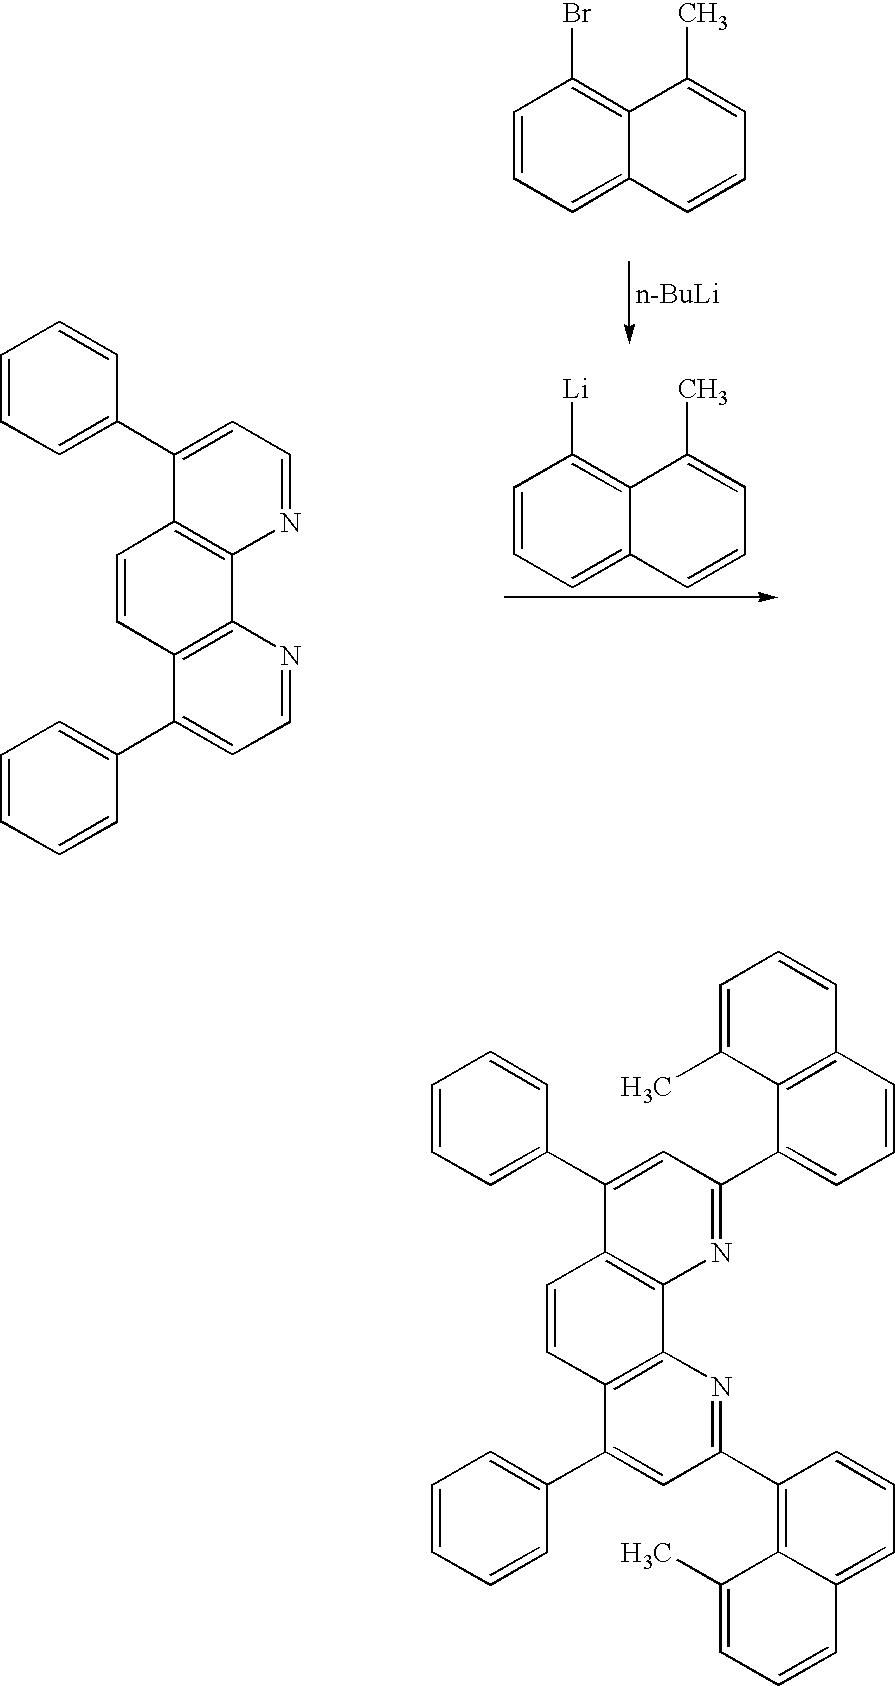 Figure US20050073641A1-20050407-C00067